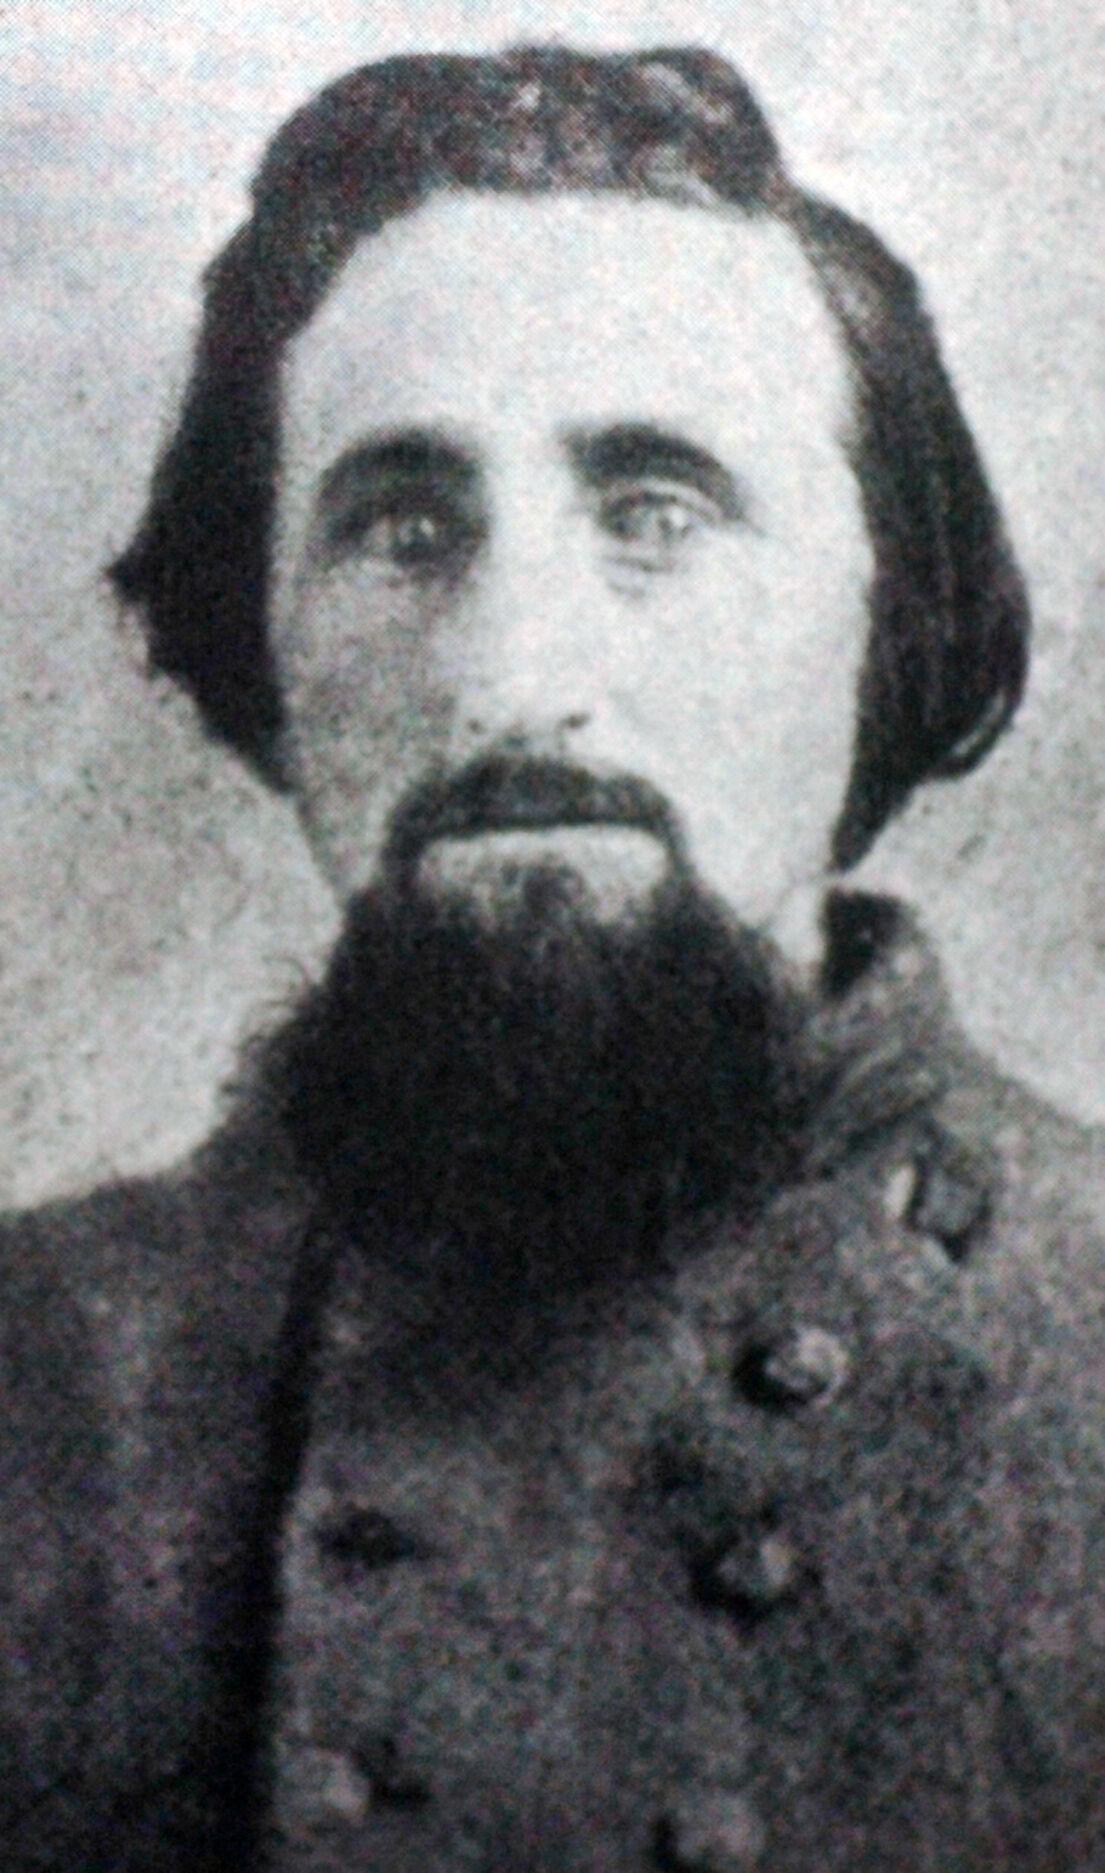 William Etter